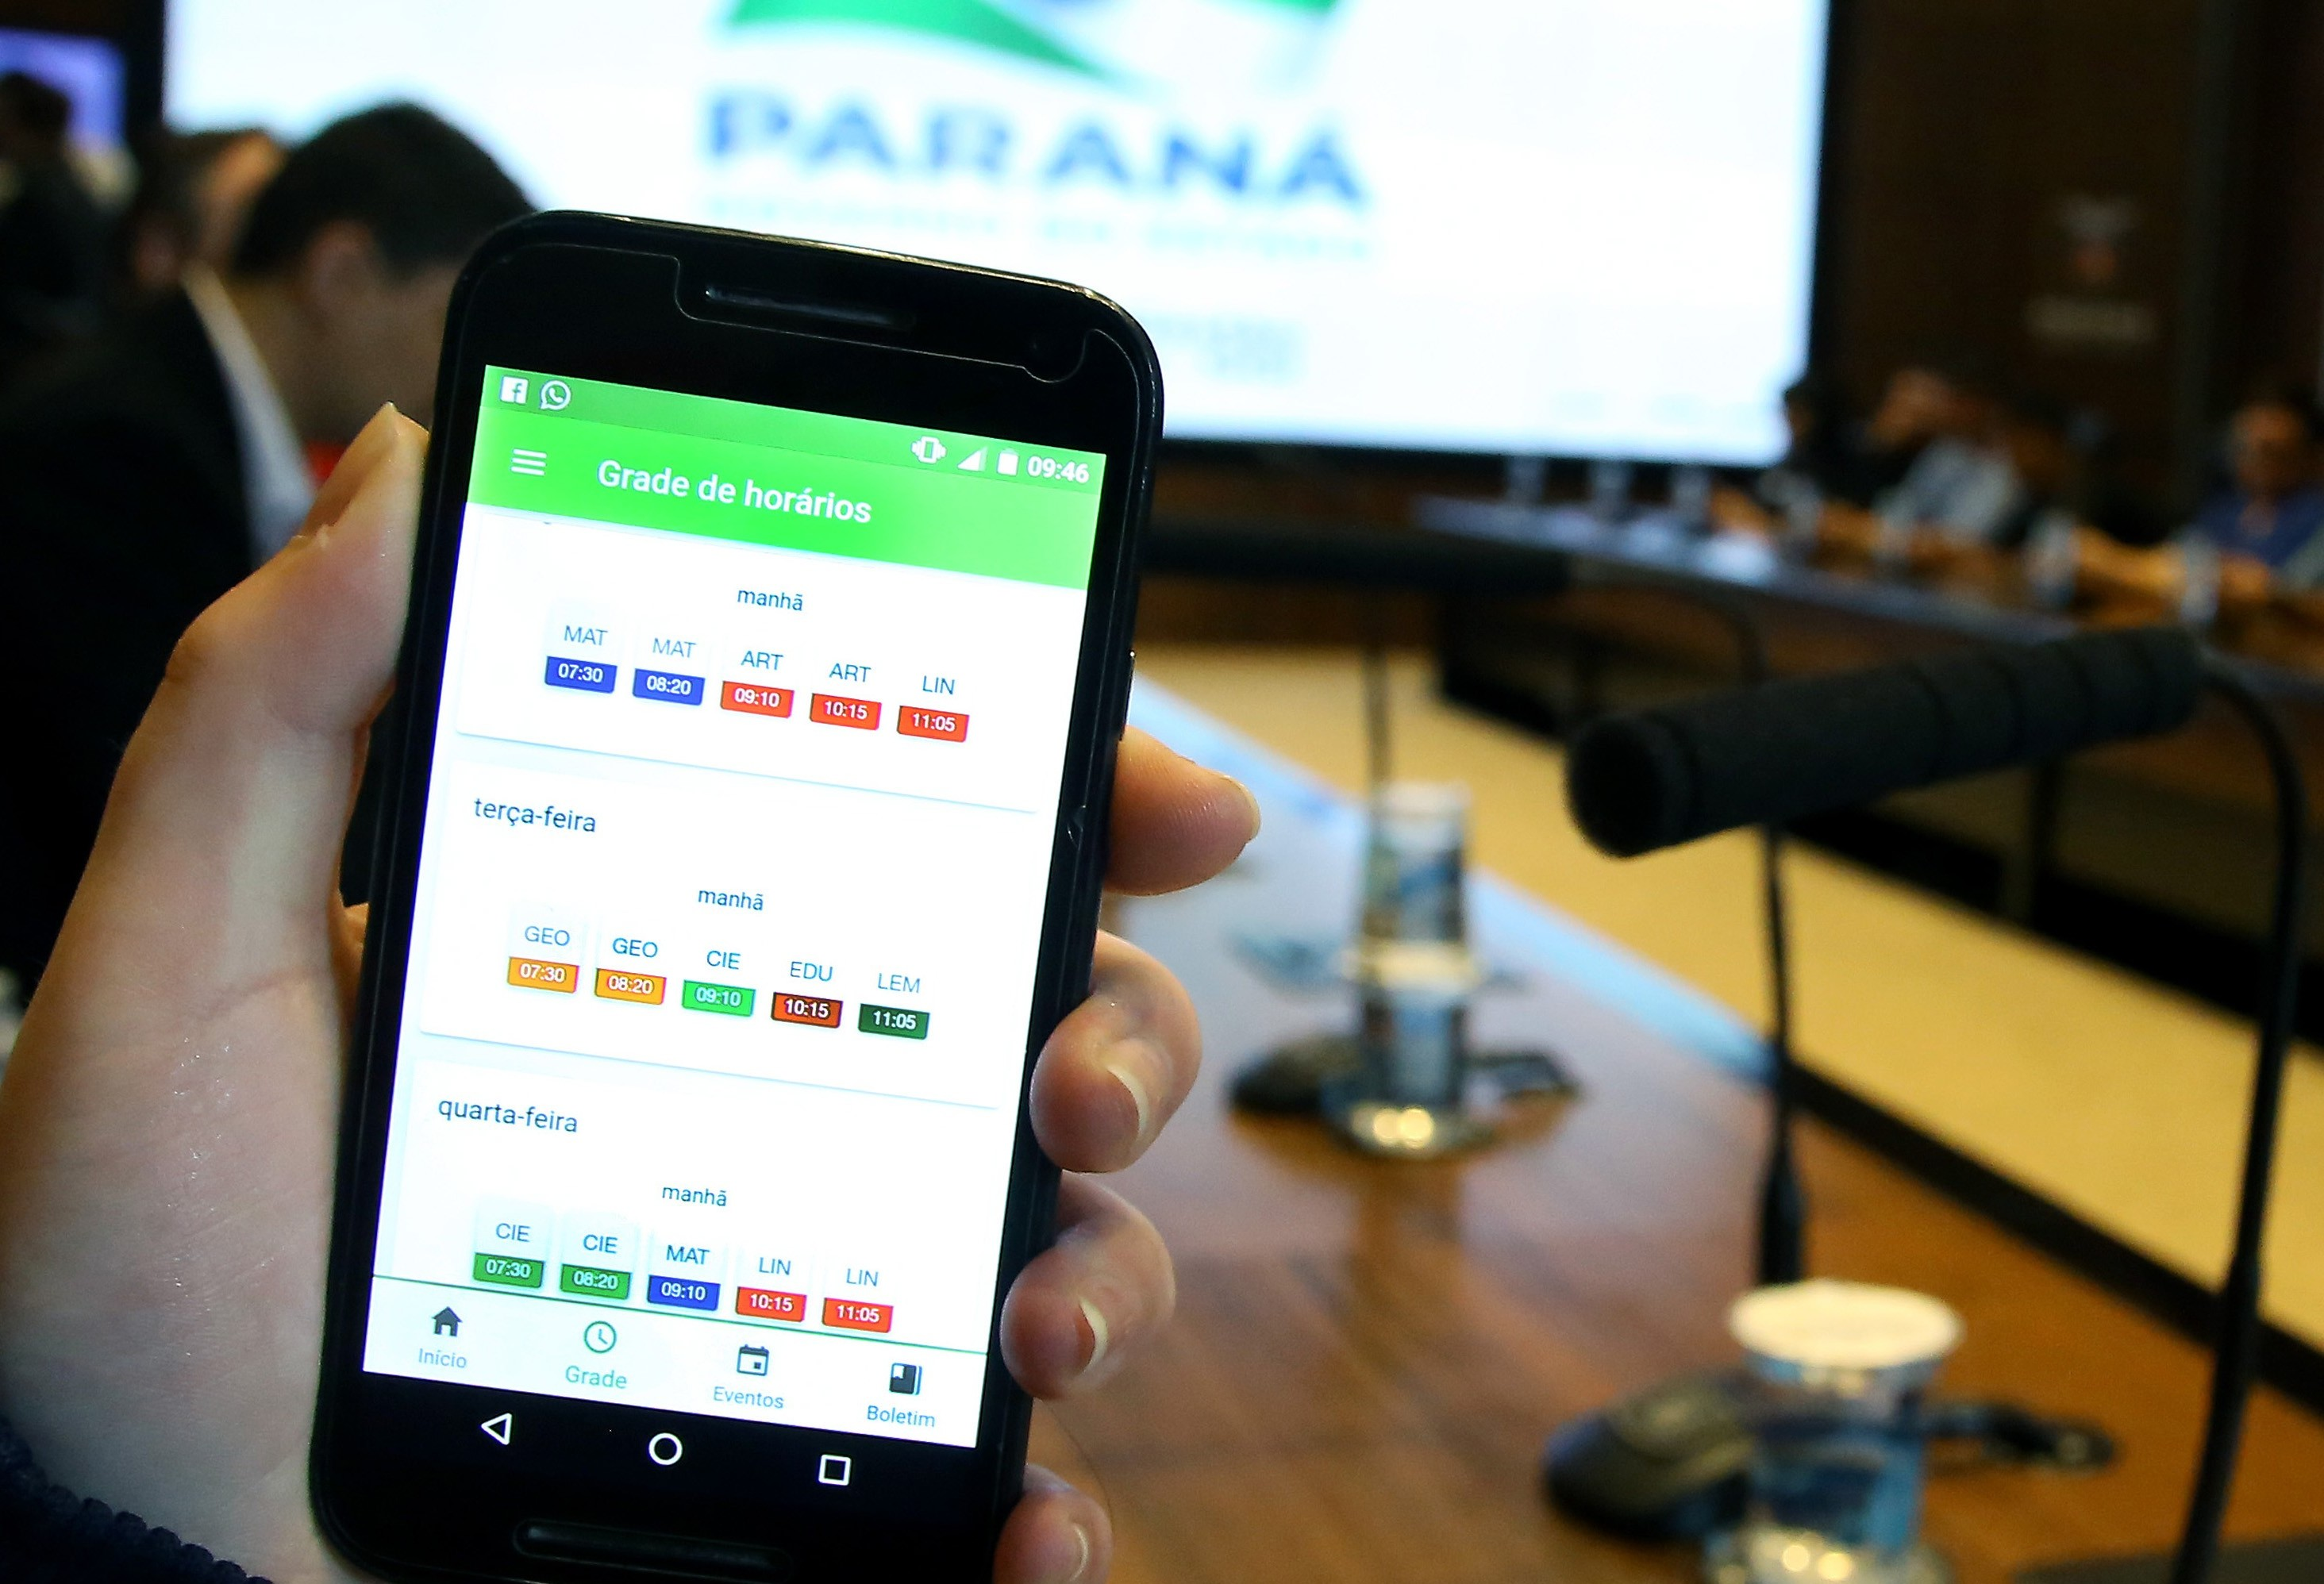 Núcleo Regional de Educação chama pais e alunos para acessar aplicativo Escola Paraná